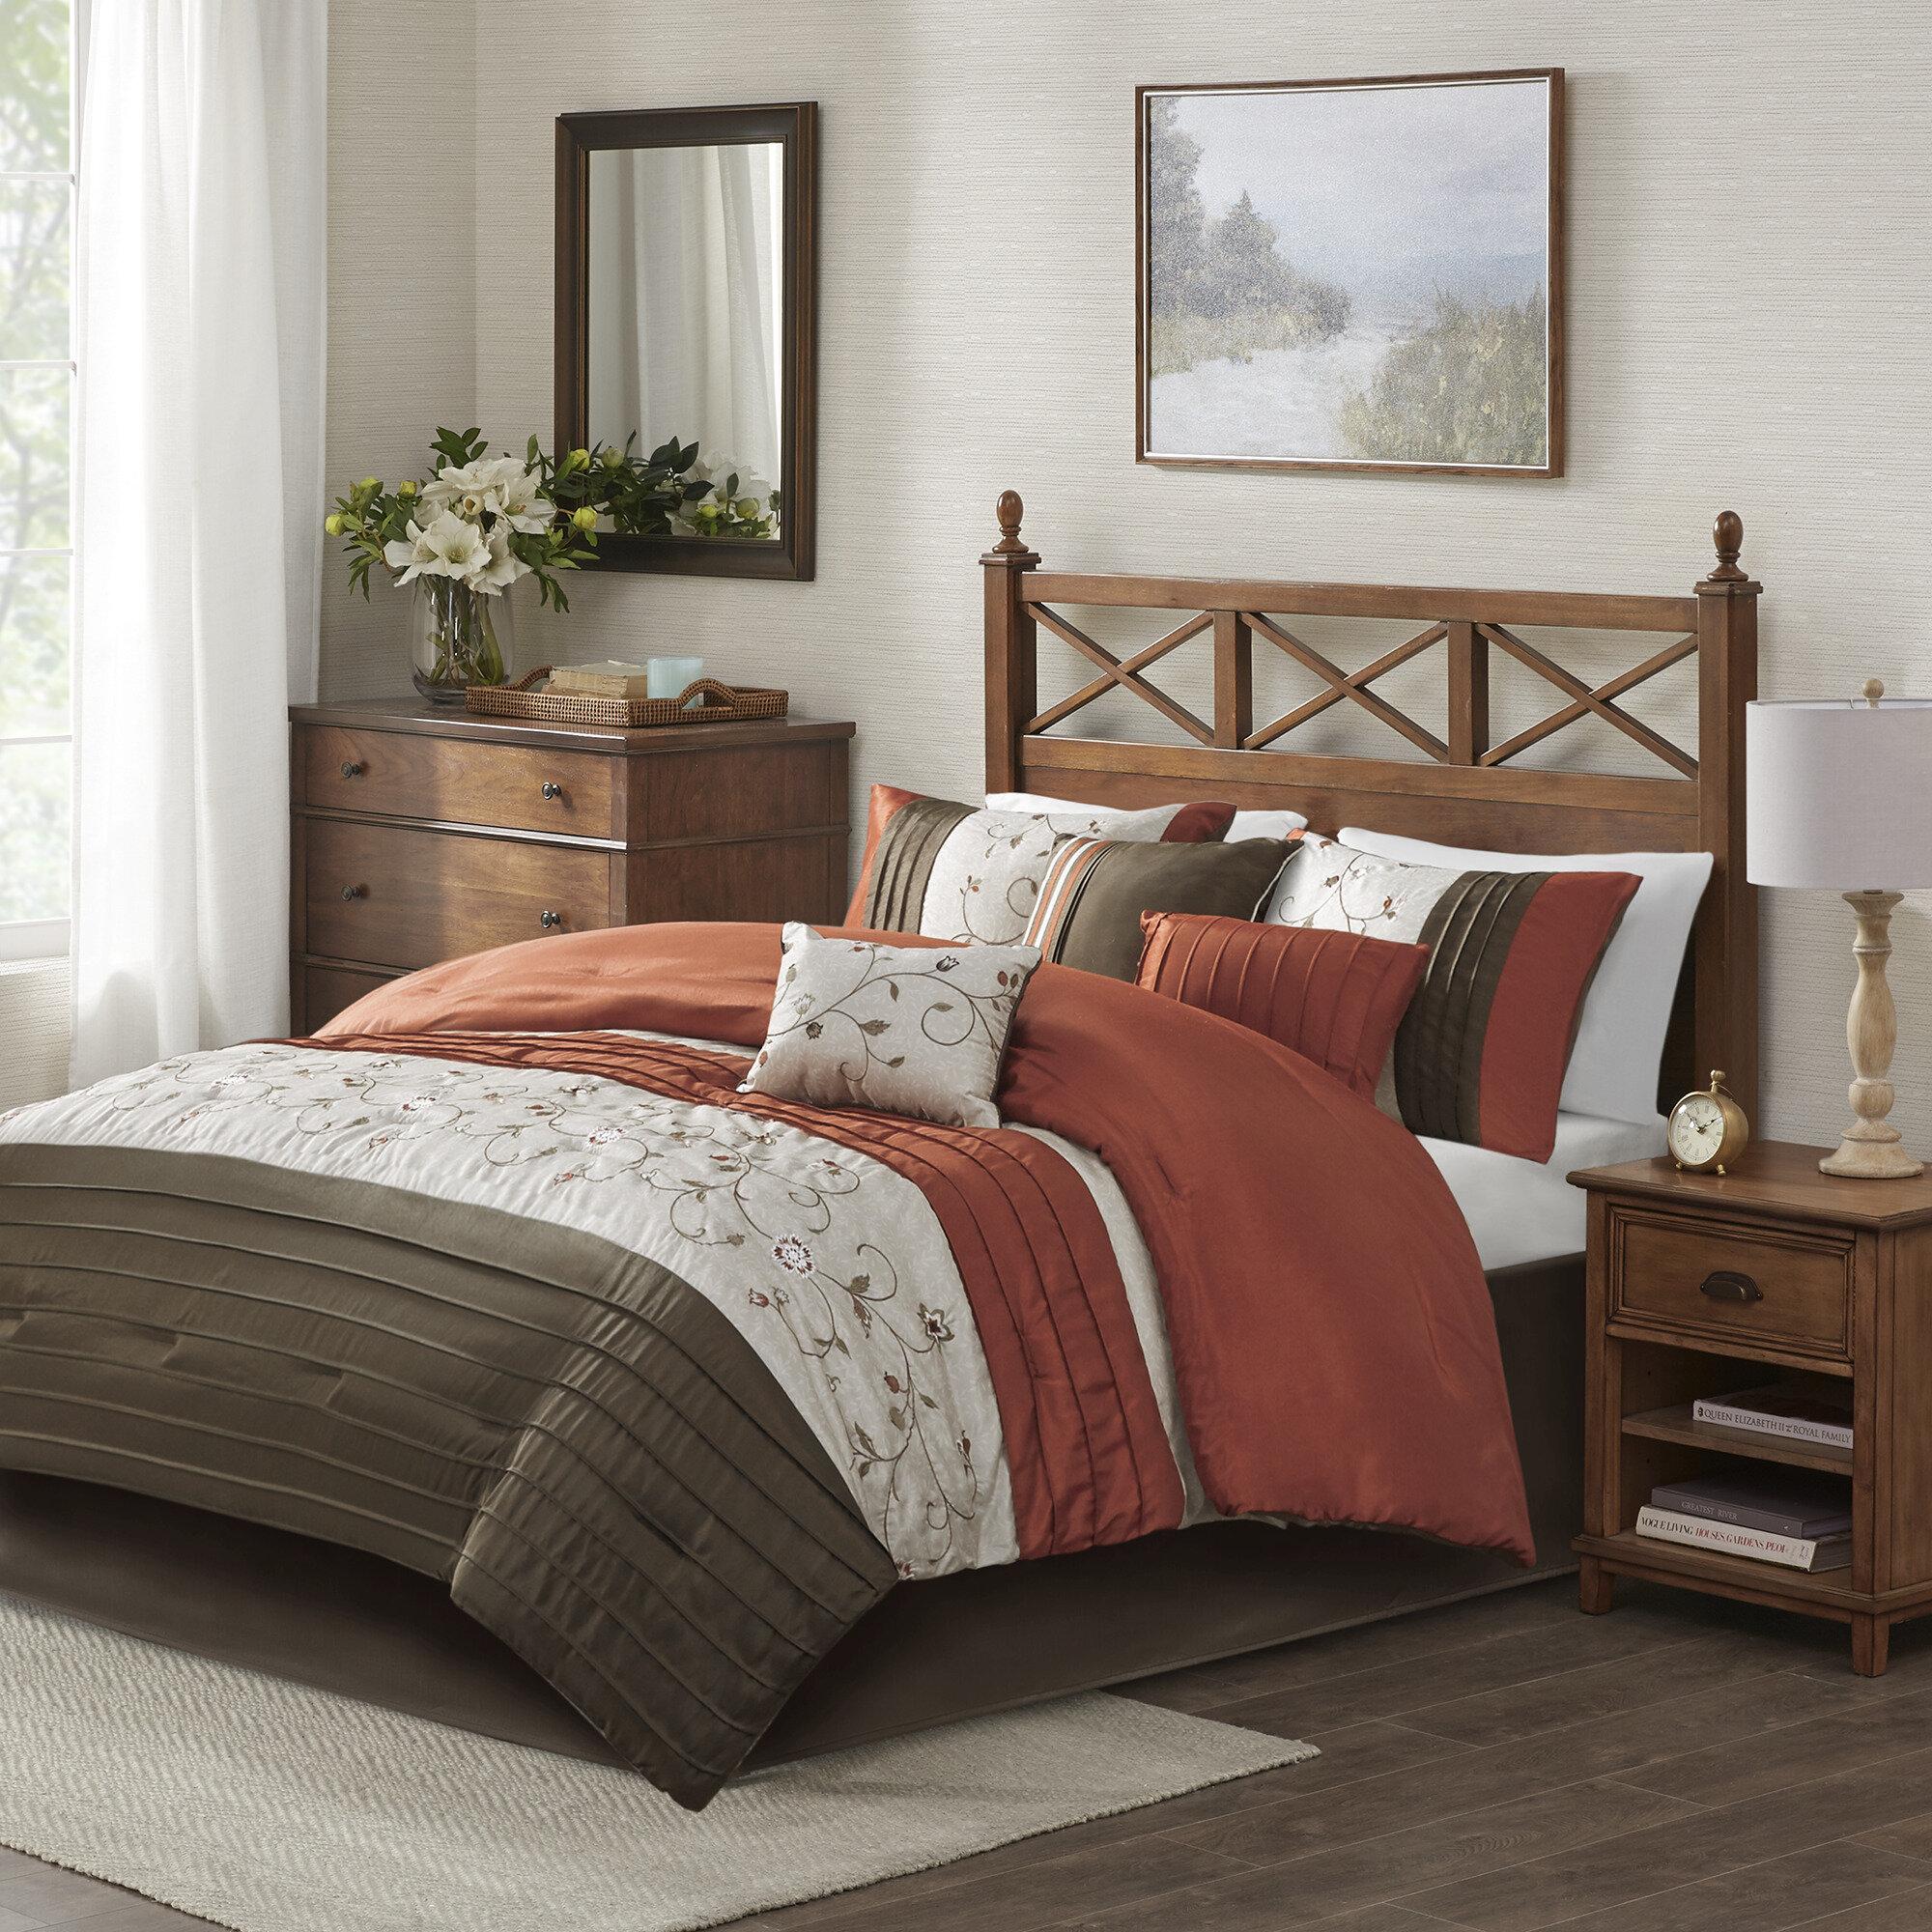 Comforter Orange Bedding You Ll Love In 2021 Wayfair